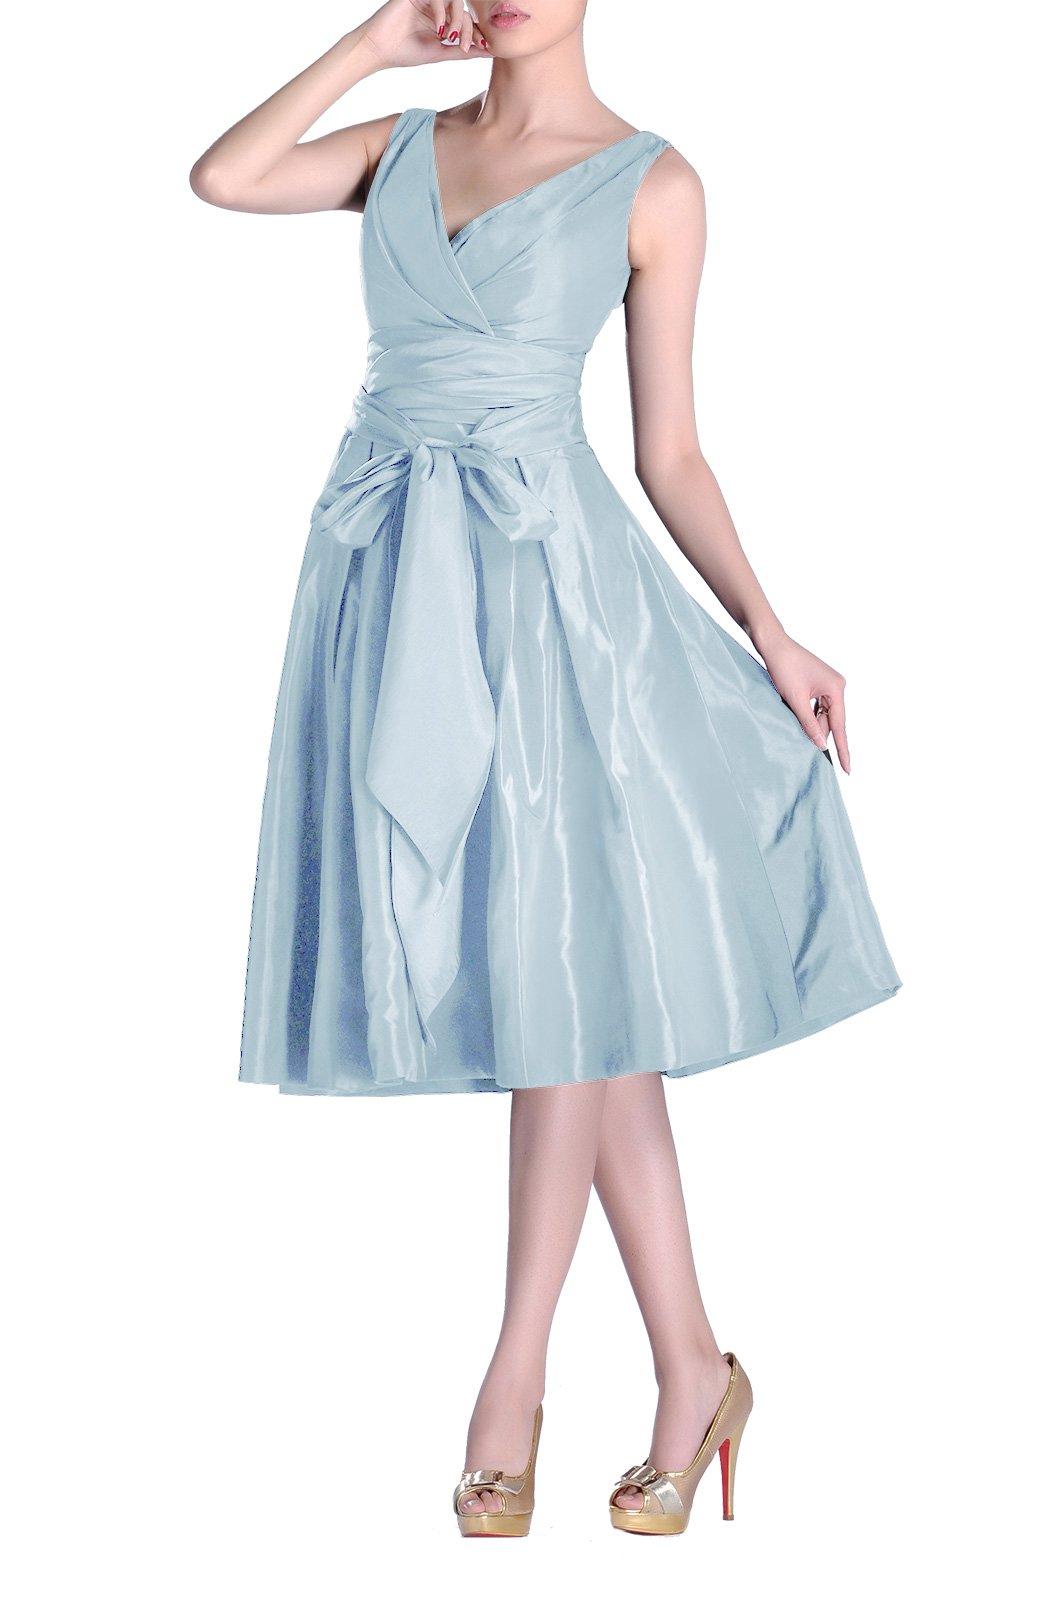 53209858c7e6 Adorona Formal Modest Bridesmaids A-line V-Neck Pleated Taffeta Tea Length Bridesmaid  Dress, Color Baby Blue,12